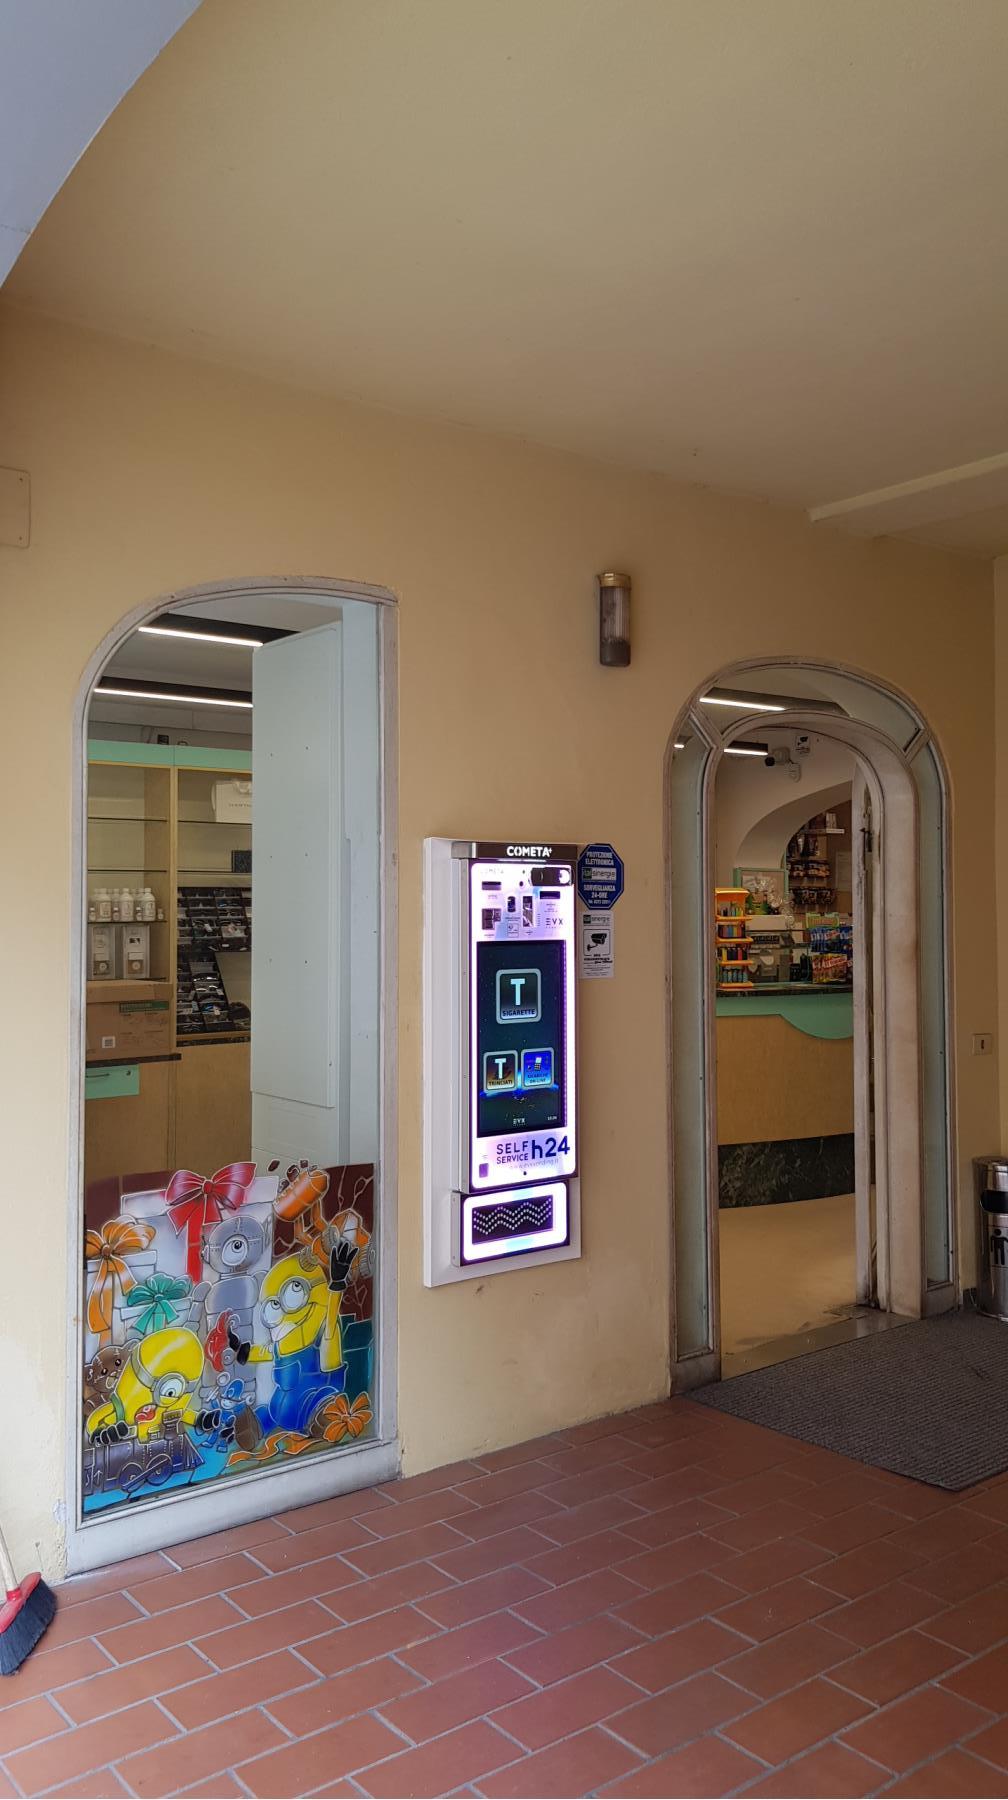 distributore-automatico-sigarette-evx-cometa_+plus (3)